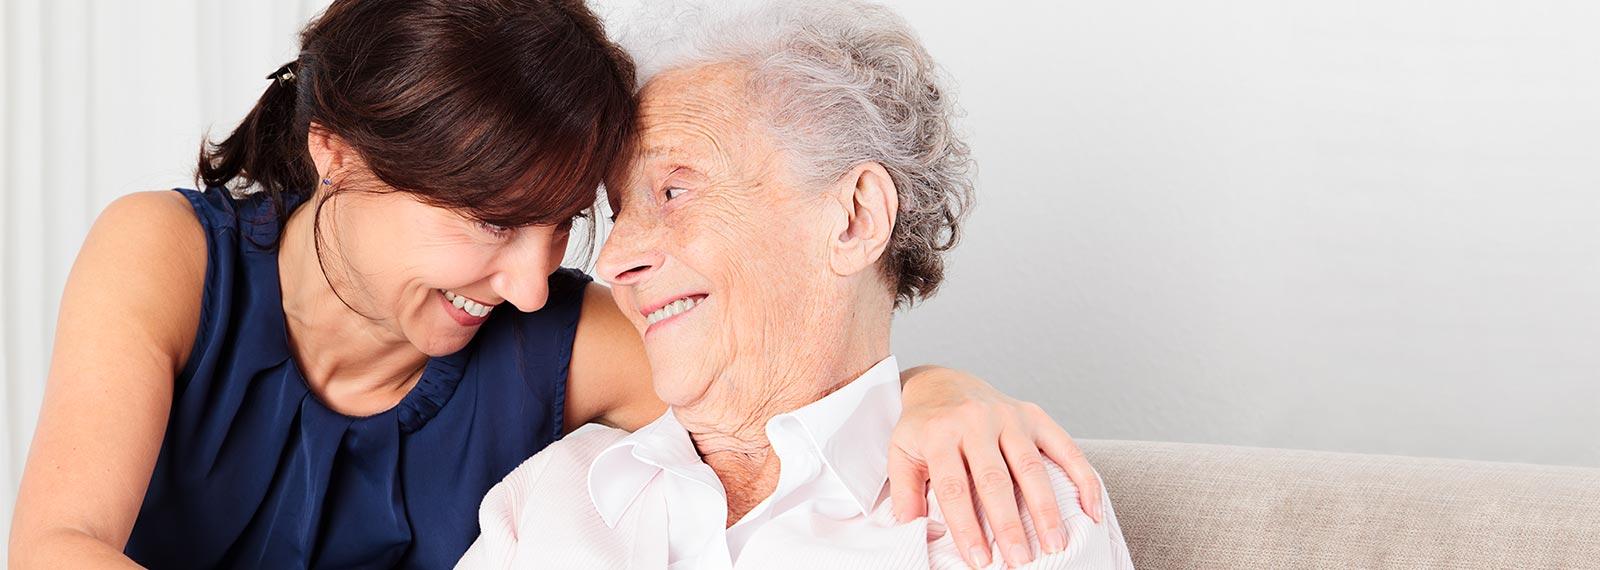 24h Pflege und Betreuung für Senioren in München